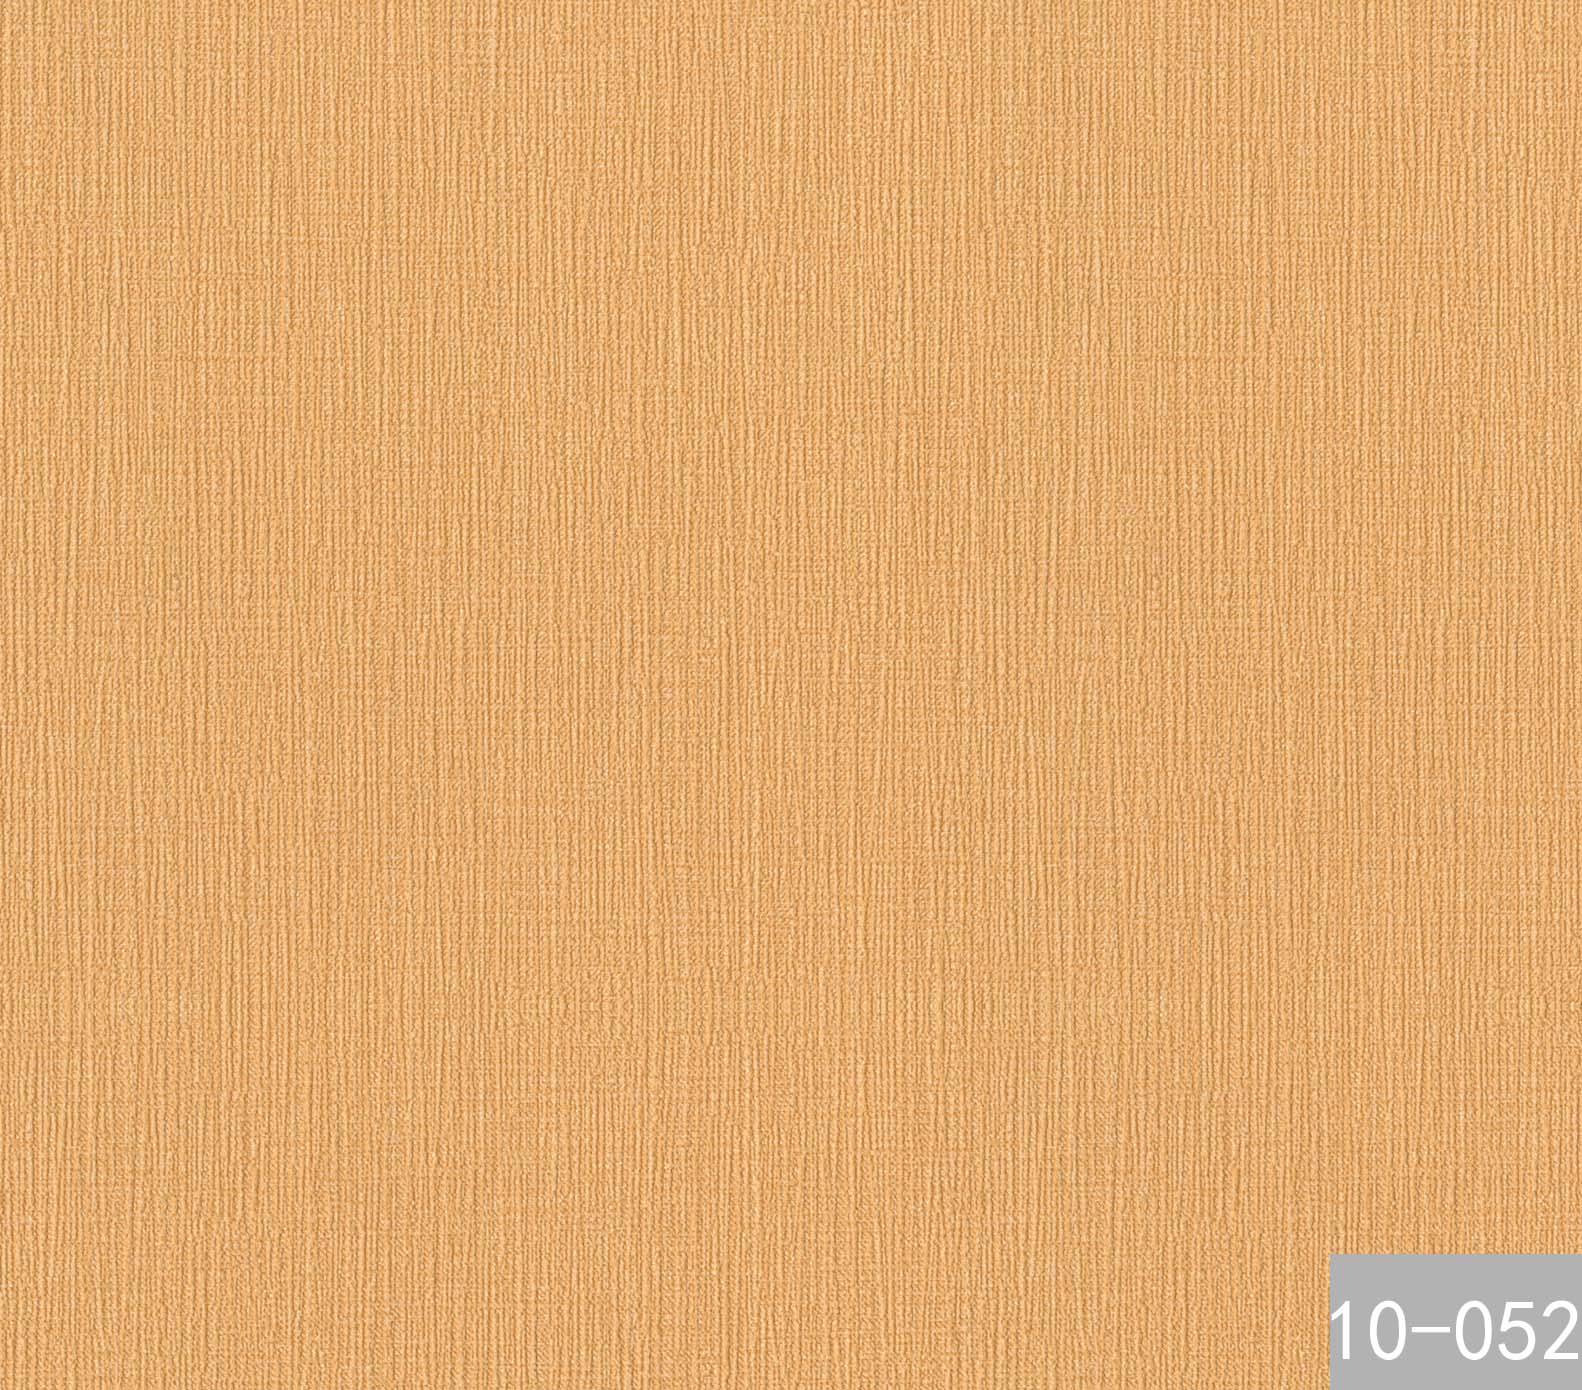 Giấy dán tường Hàn Quốc một màu Plain 10-052